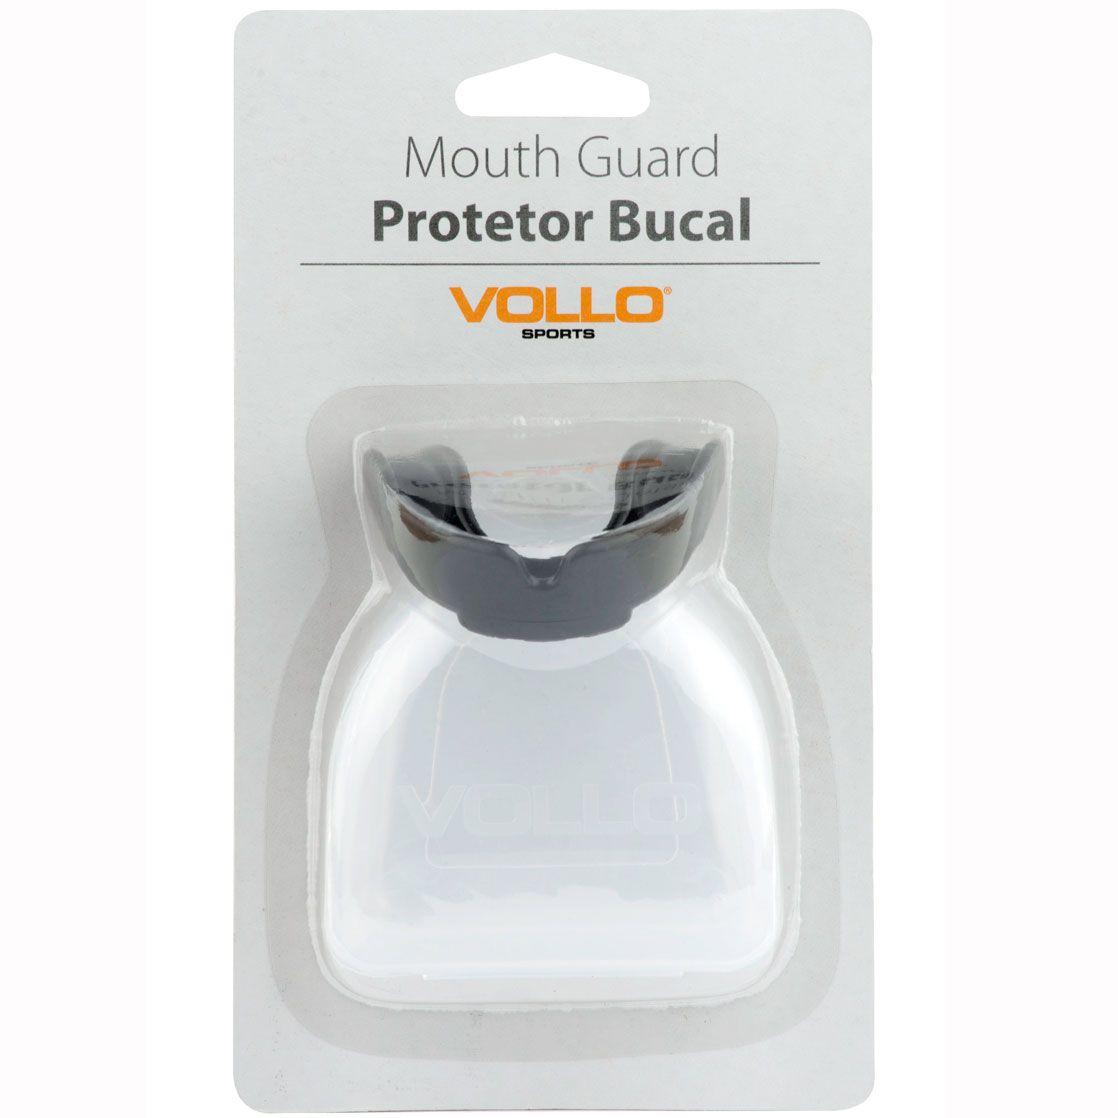 Protetor Bucal Vollo com estojo (preto)